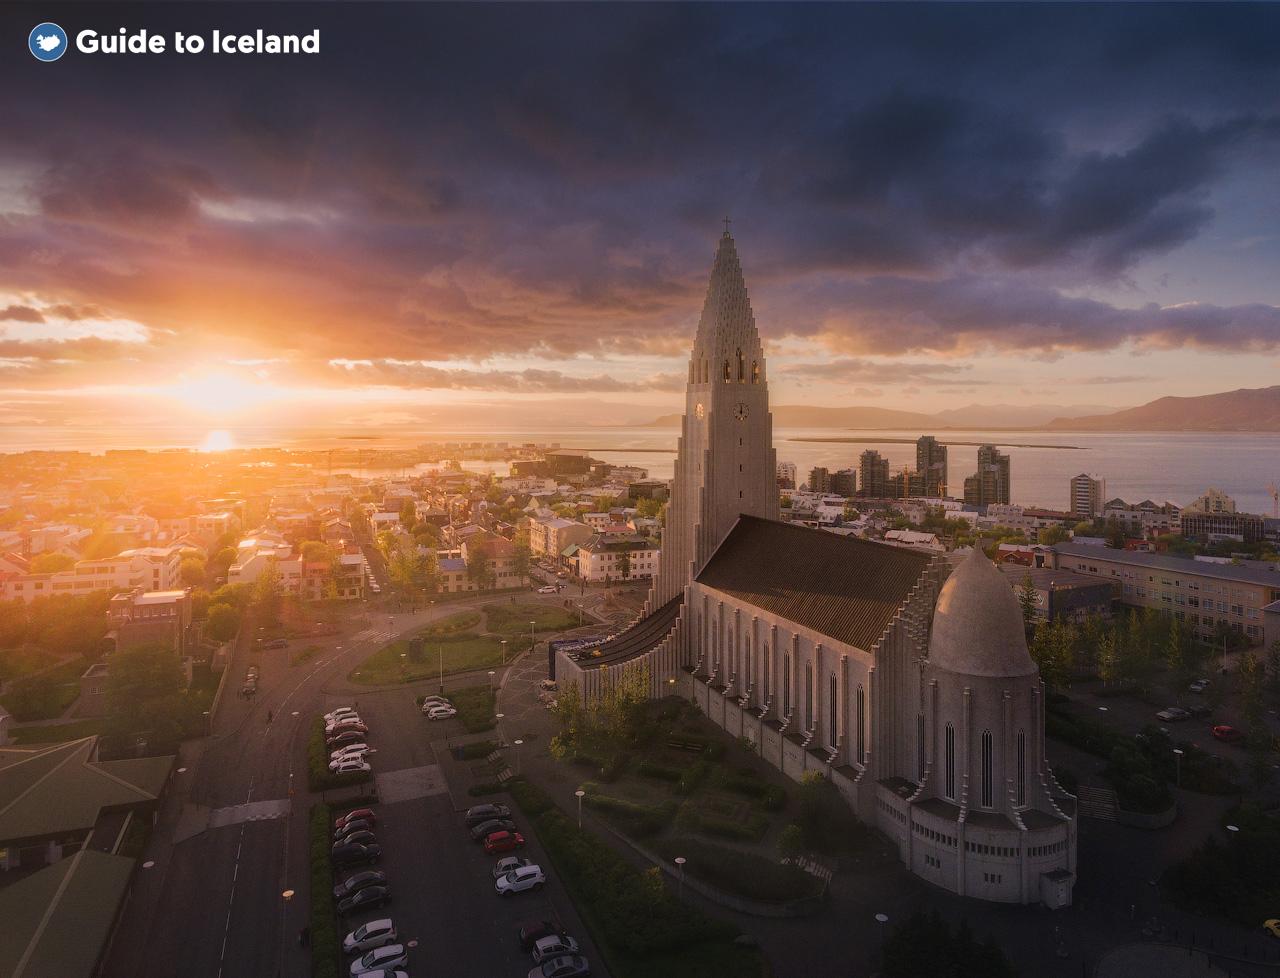 The Midnight Sun gleams on the church of Hallgrimskirkja in the city of Reykjavik.